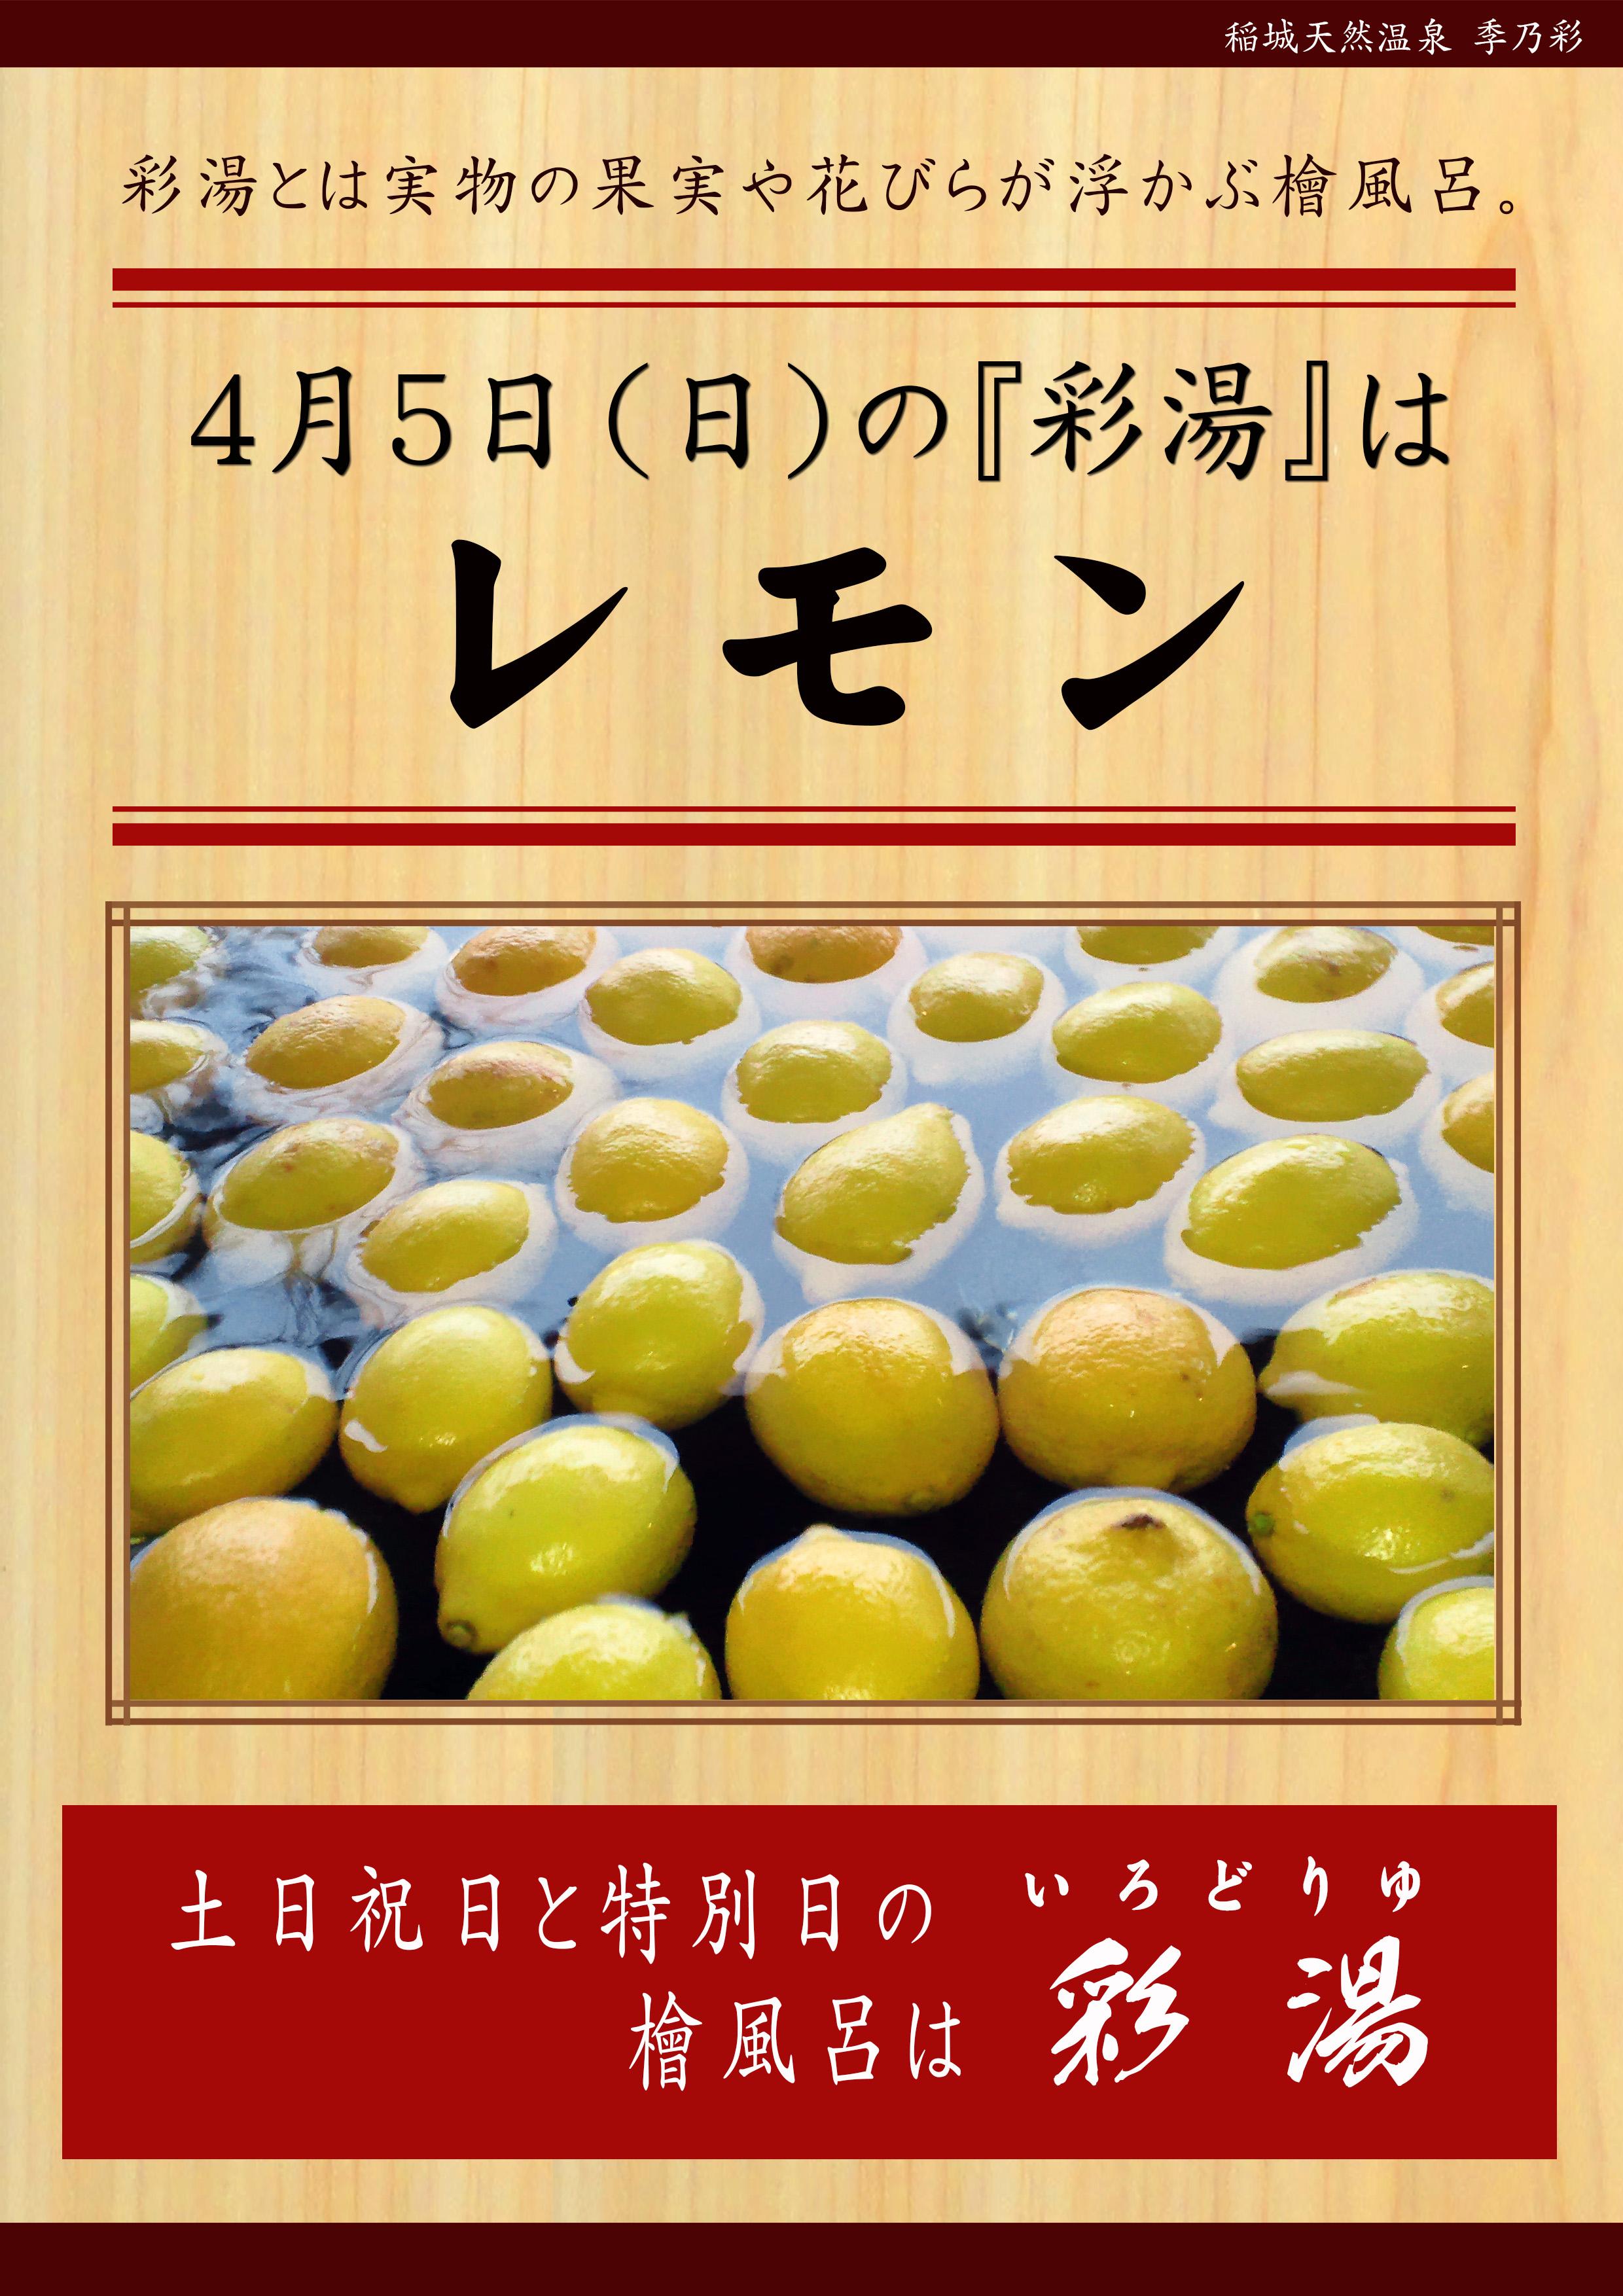 200405 POP イベント 彩湯 レモン